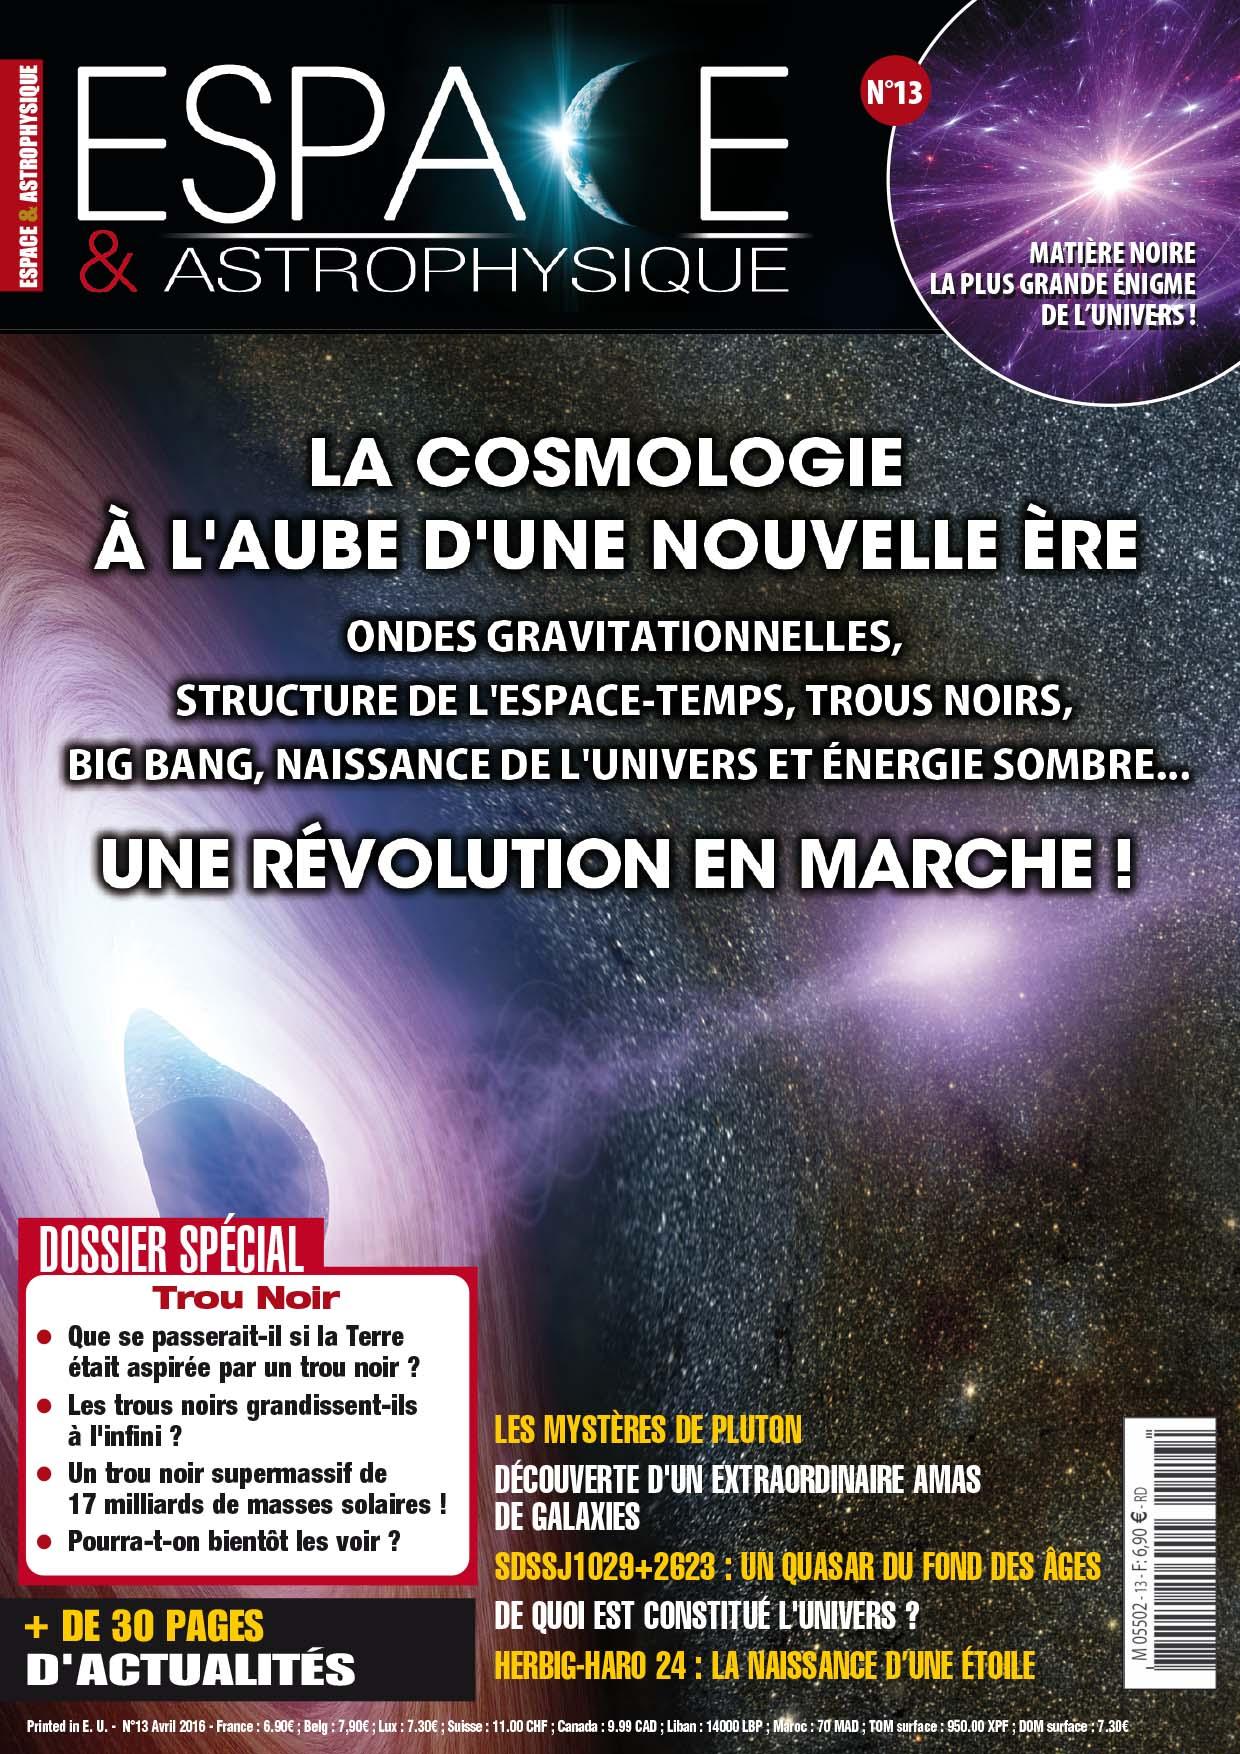 Espace & Astrophysique